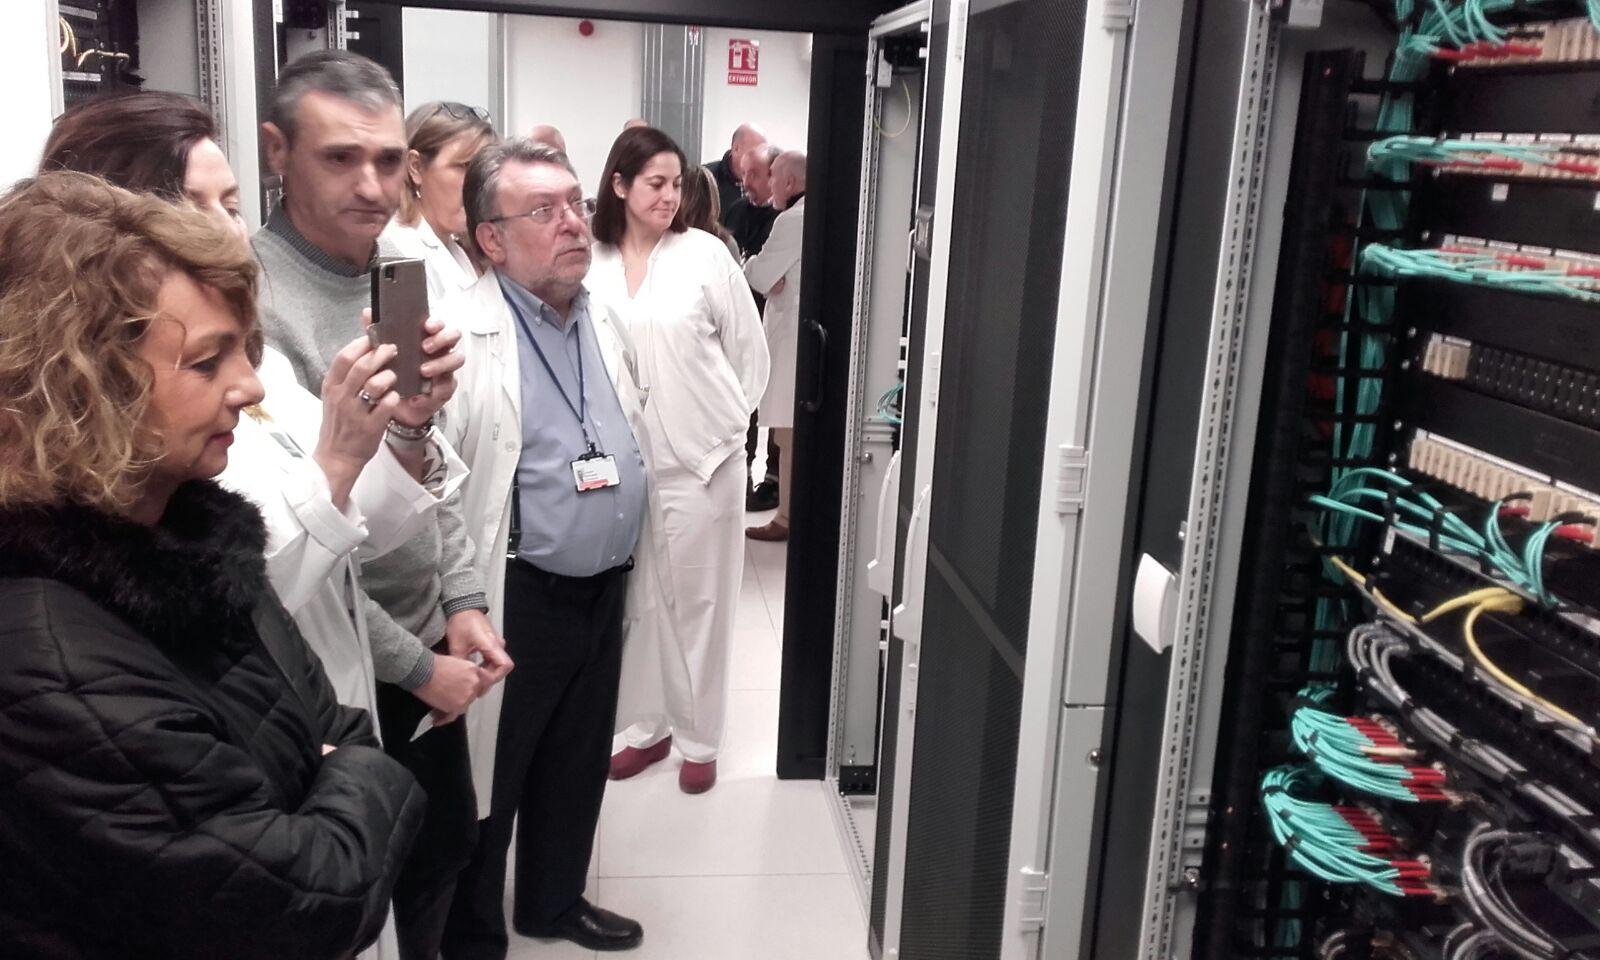 Las nuevas instalaciones supondrán un ahorro de energía de hasta un 30% gracias a la gran mejora de eficiencia energética mediante el diseño de pasillos fríos y refrigeración.